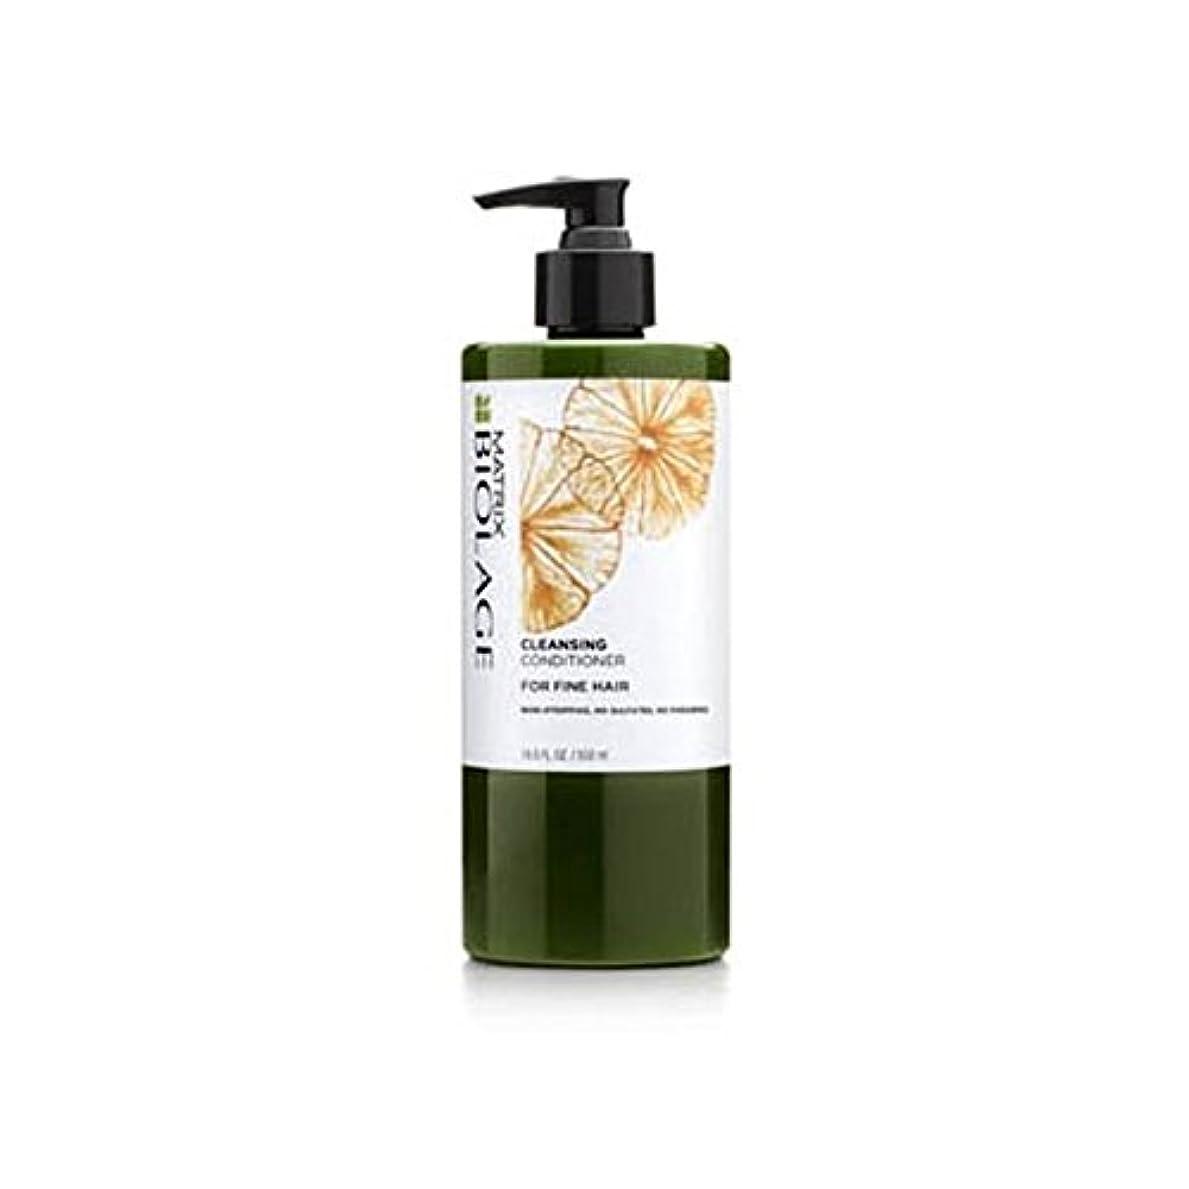 住む植物学ホバーMatrix Biolage Cleansing Conditioner - Fine Hair (500ml) - マトリックスバイオレイジクレンジングコンディショナー - 細い髪(500ミリリットル) [並行輸入品]